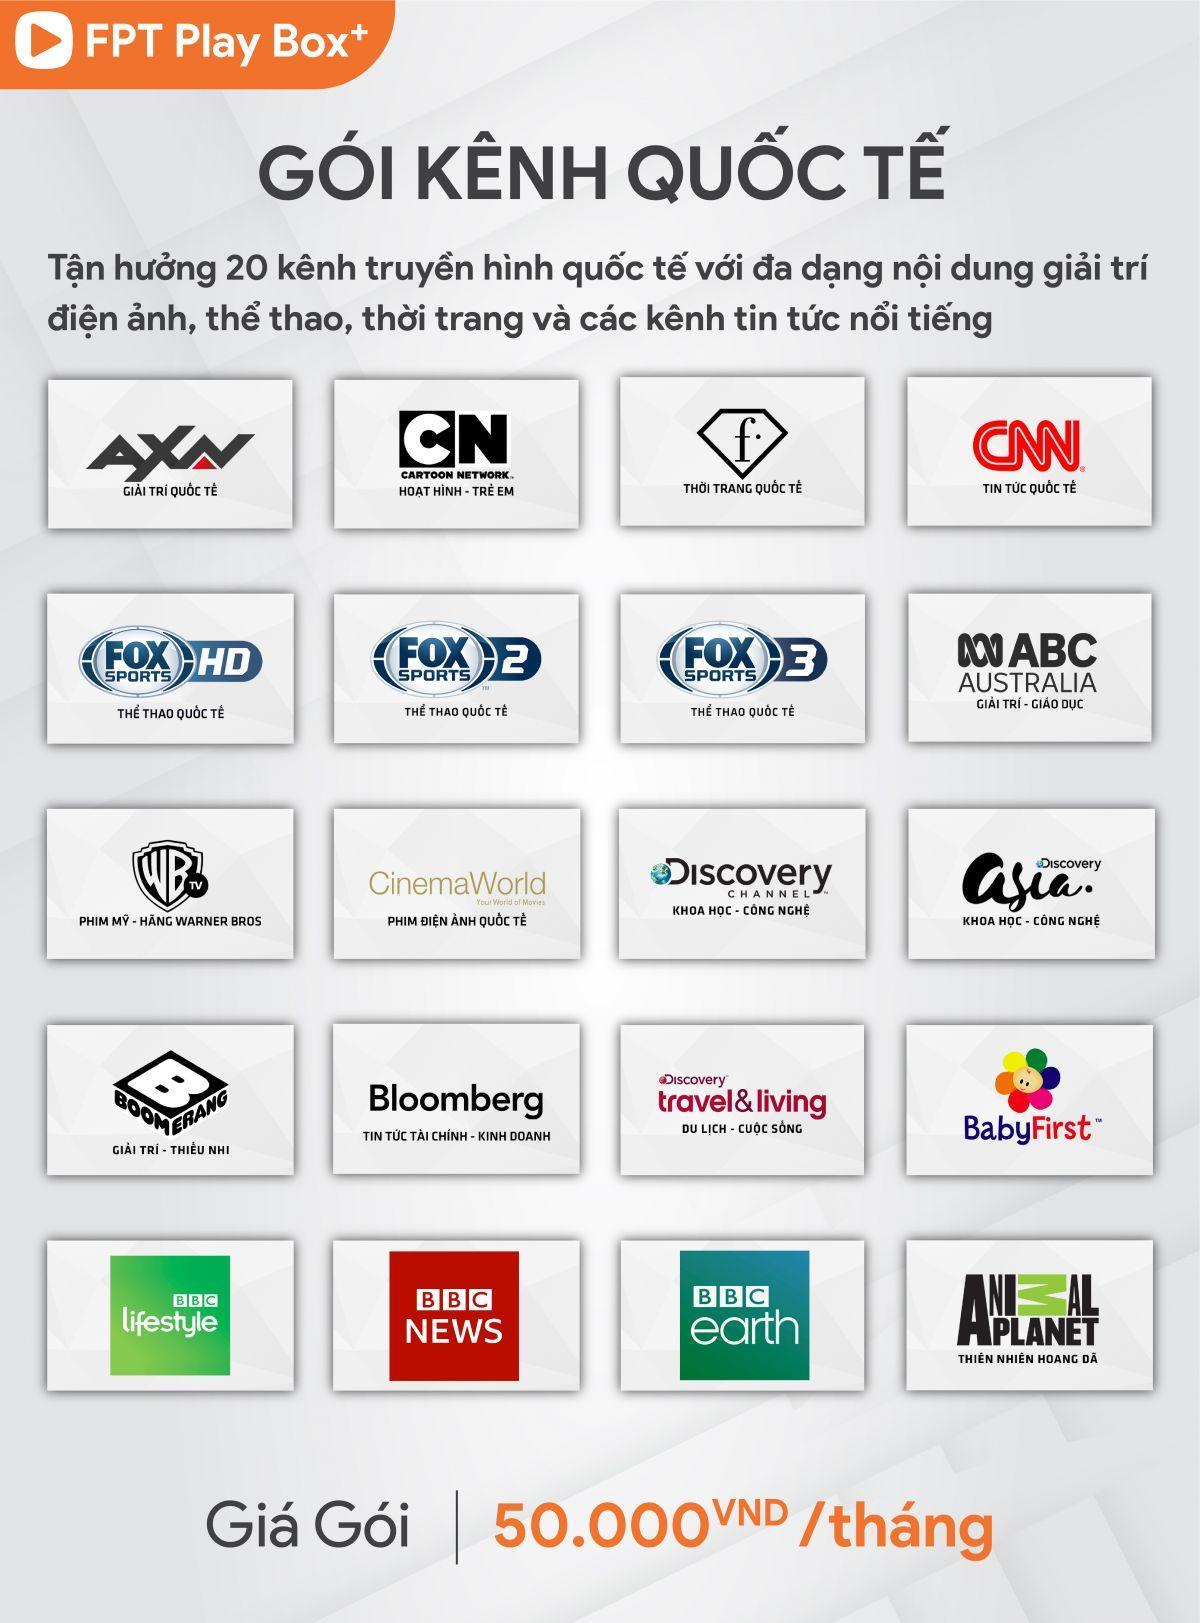 gói kênh quốc tế